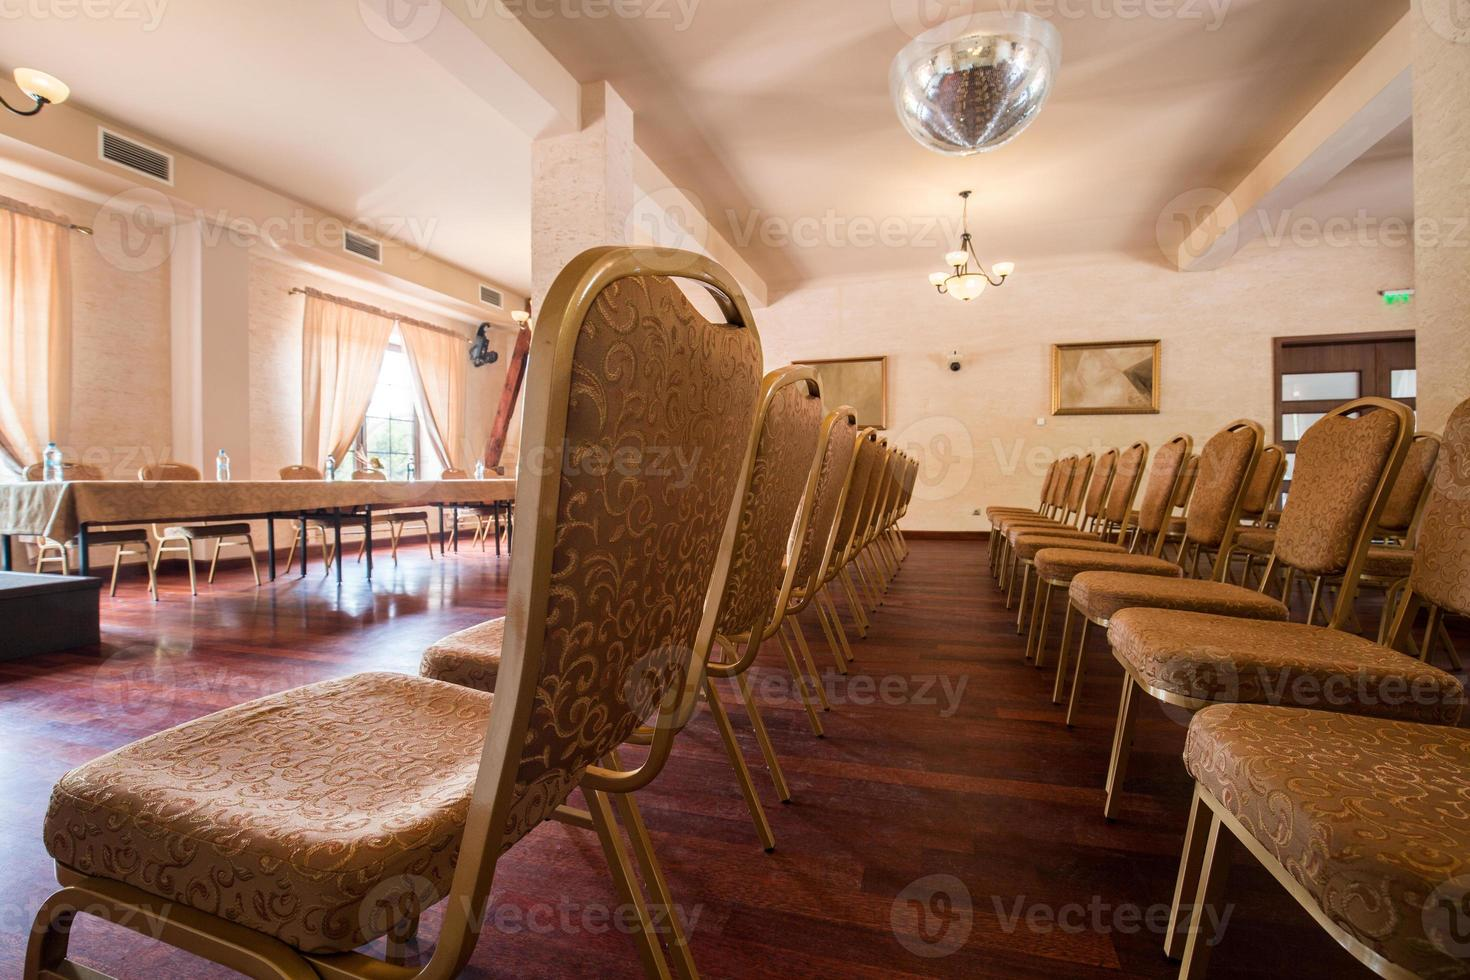 chaises marron en classe de séminaire photo